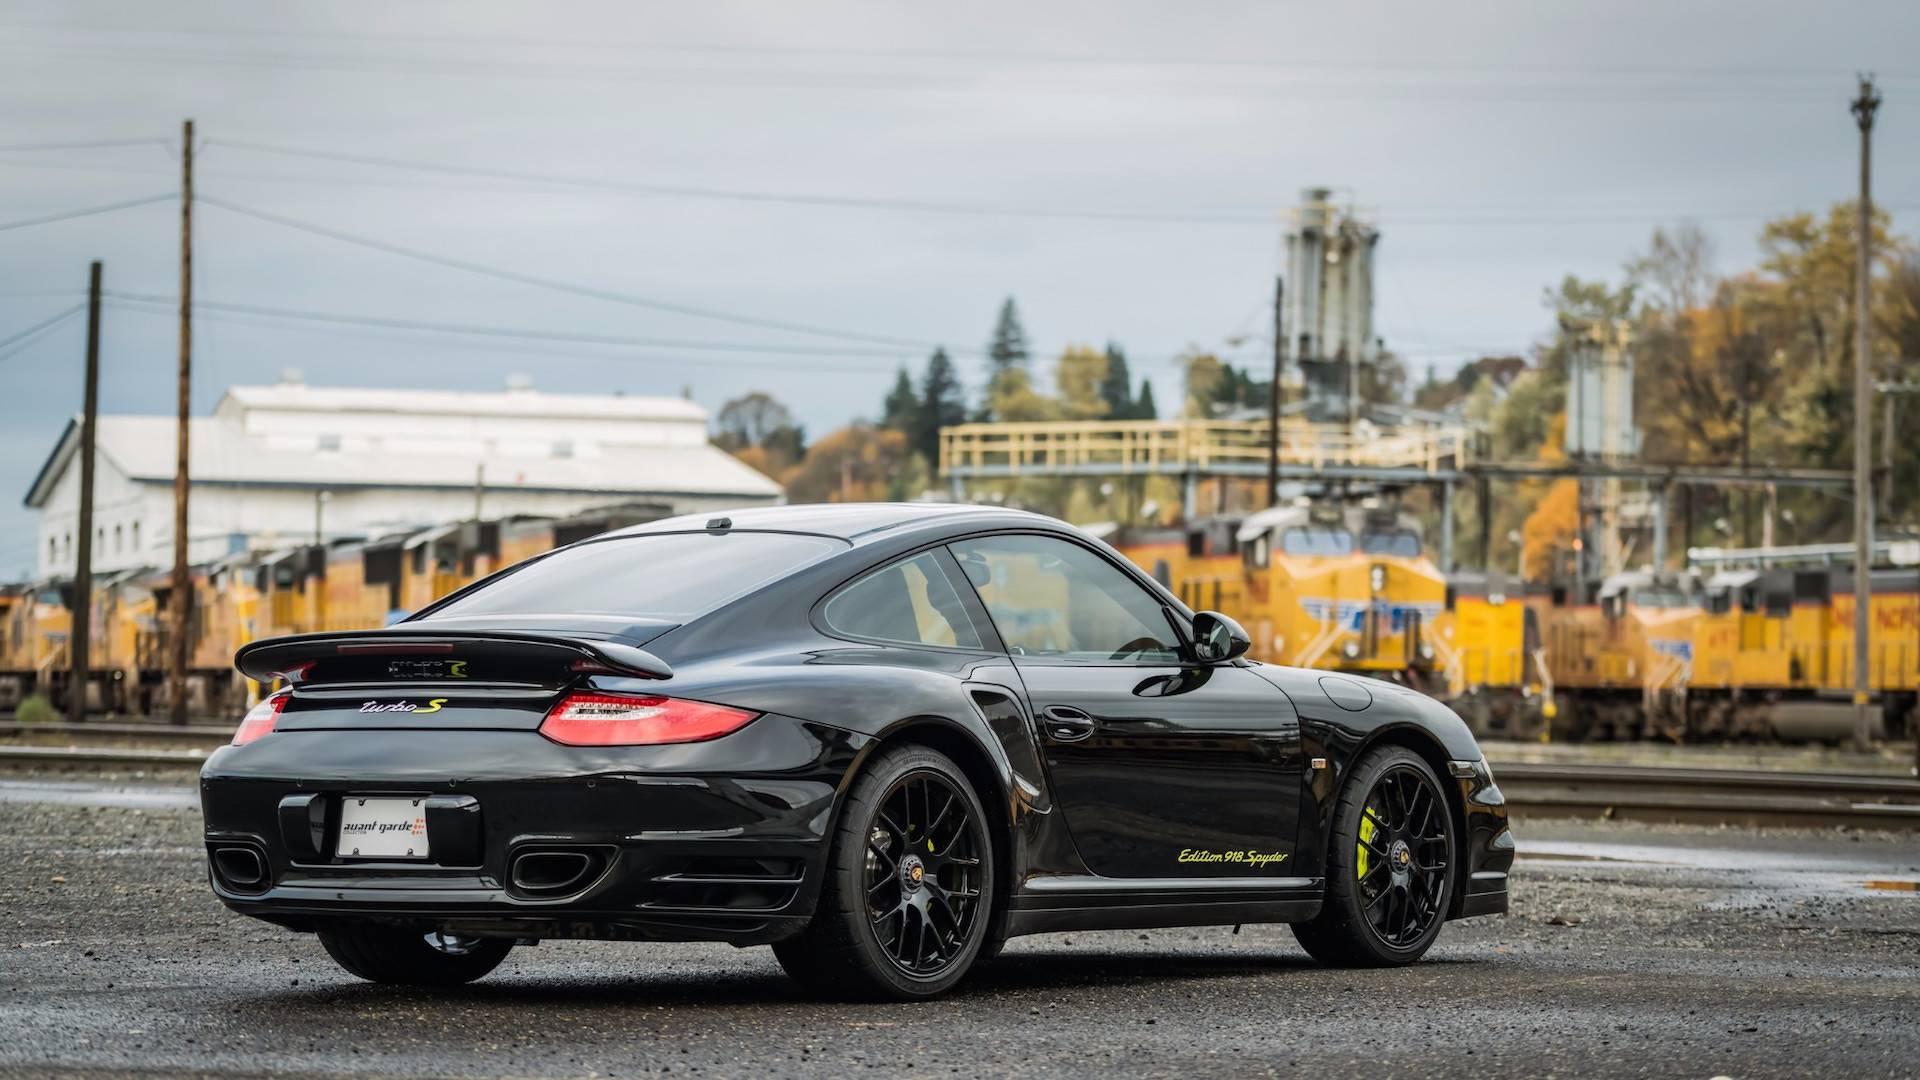 Porsche_911_Edition_918_Spyder_0005